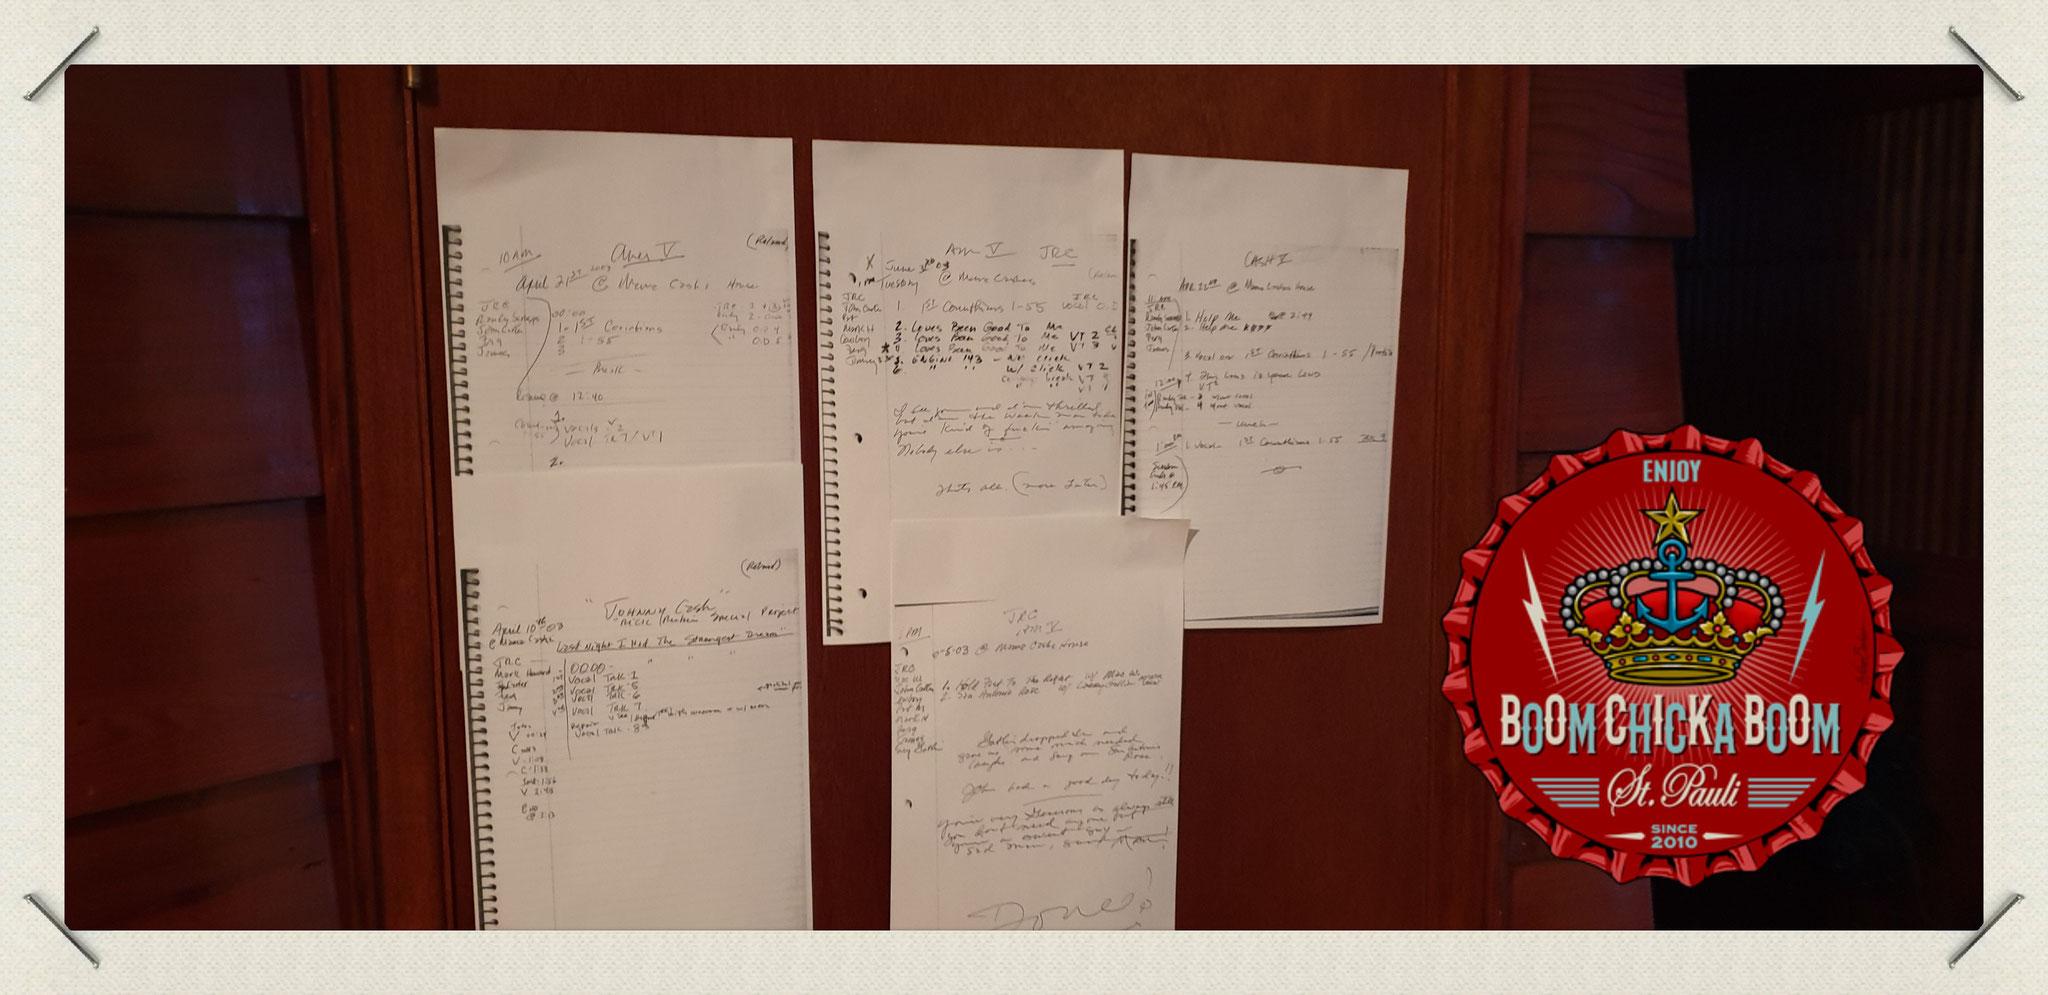 Johnnys Notizen, Songtexte und Noten hingen im ganzen Haus verteilt an den Wänden.